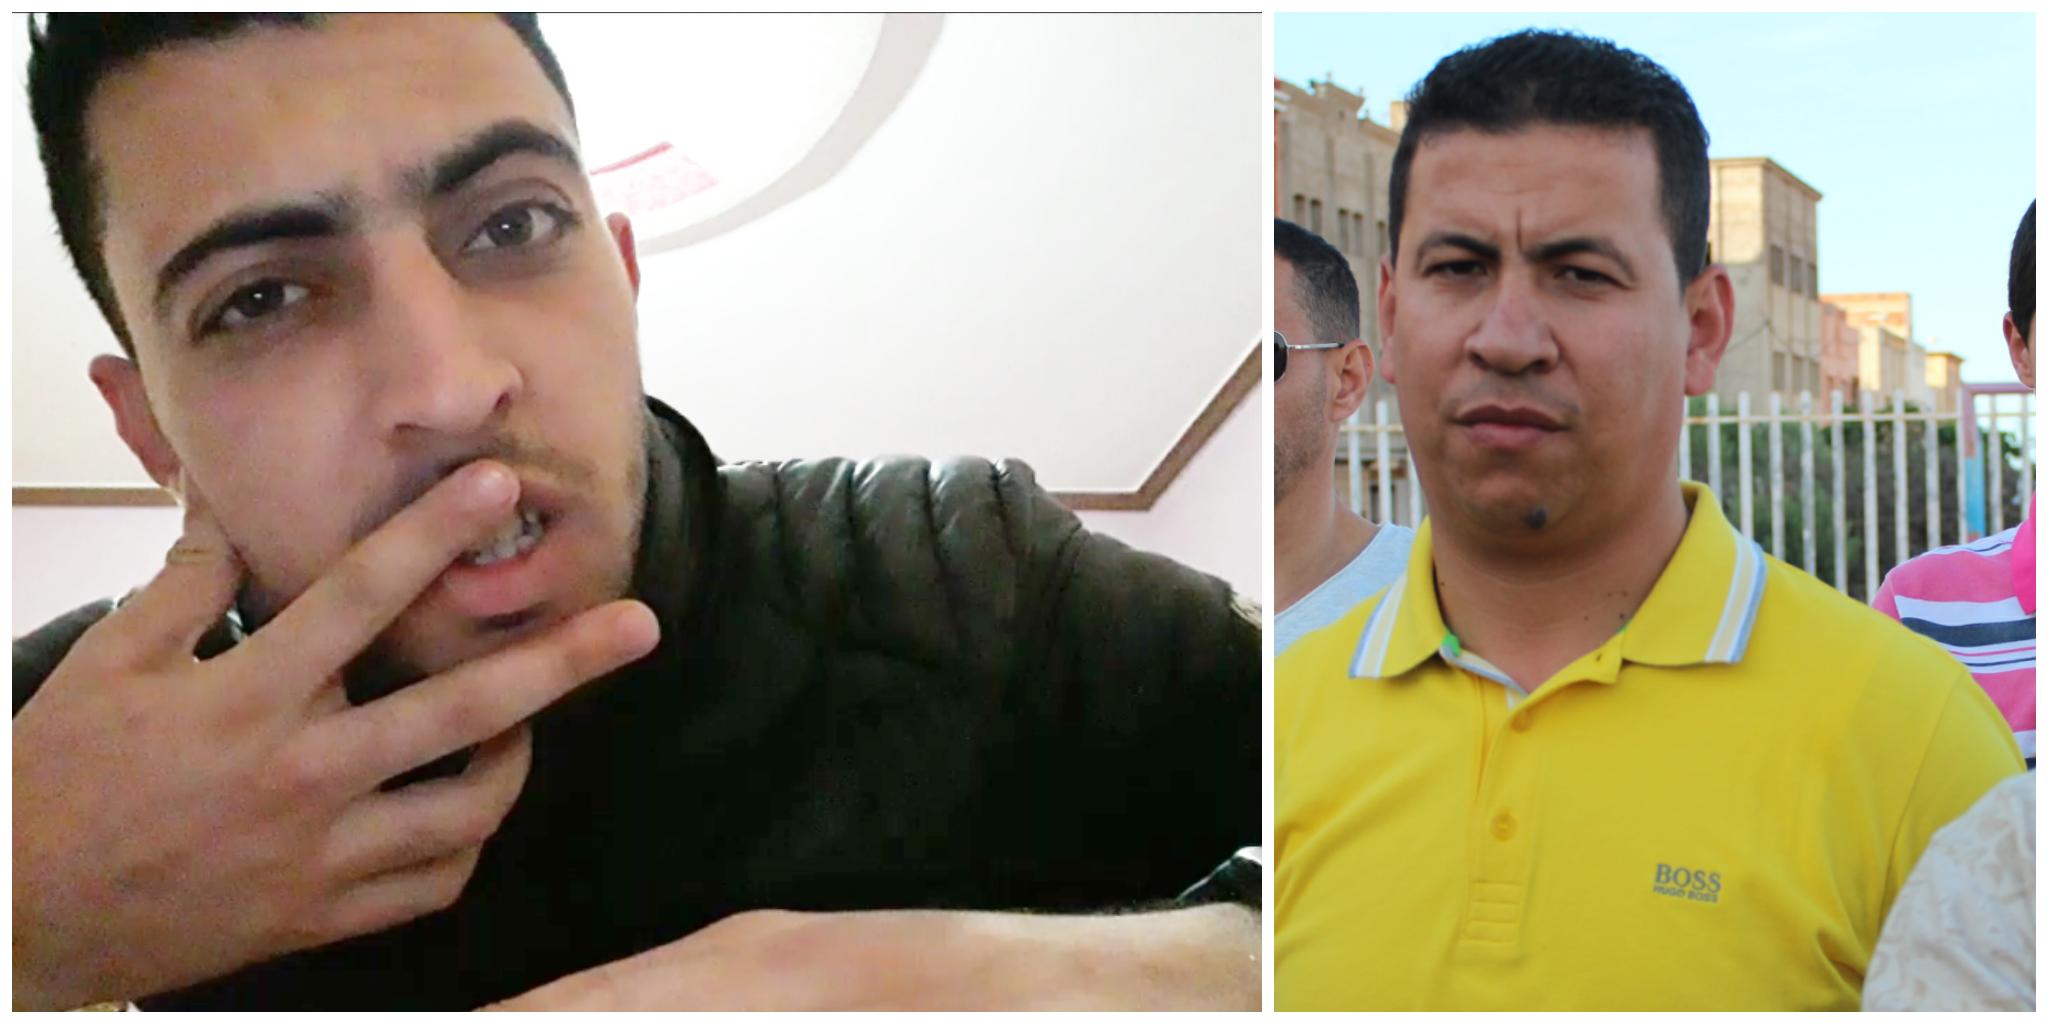 كريم الركراكي يتهم الزميل يوسف عرباج بانه مسخر من طرف خصومه والاخير يرد بفيديو هزلي !!